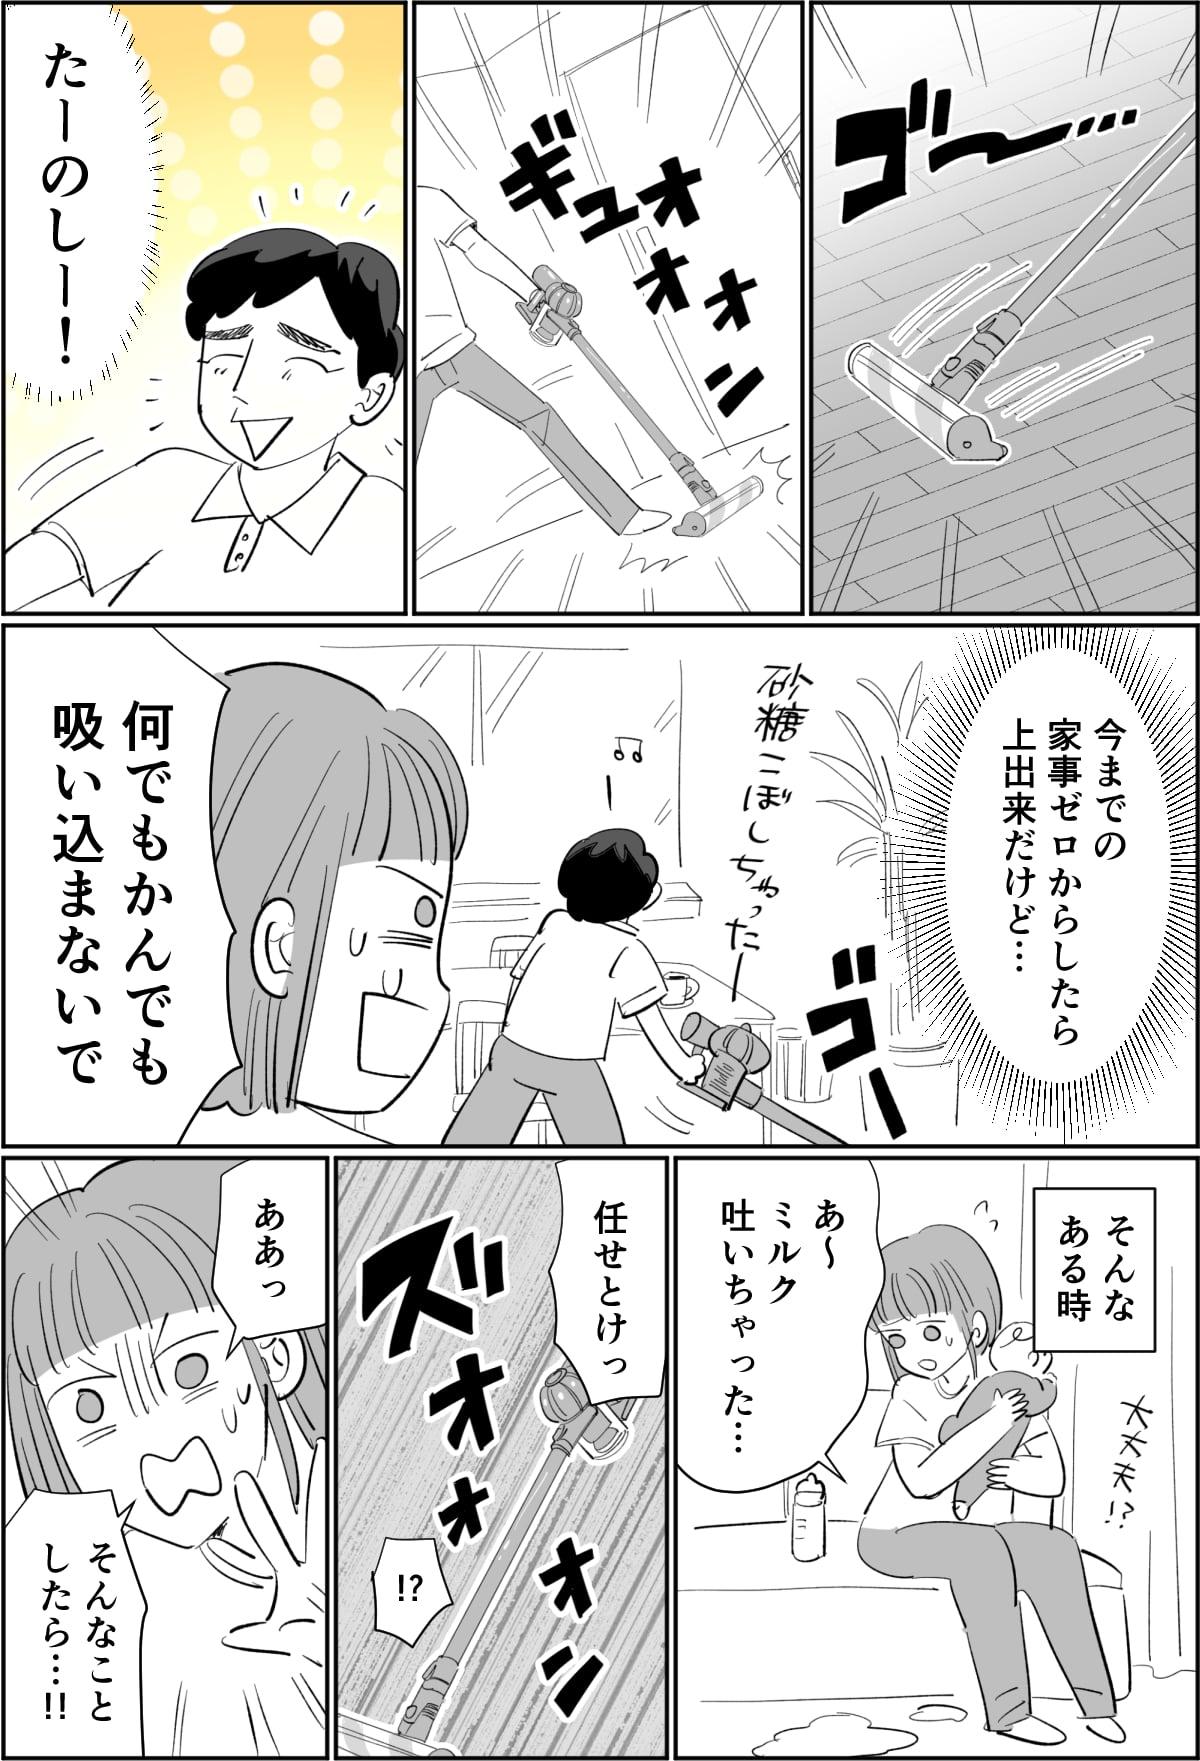 【前編:ギリギリ旦那11】-2